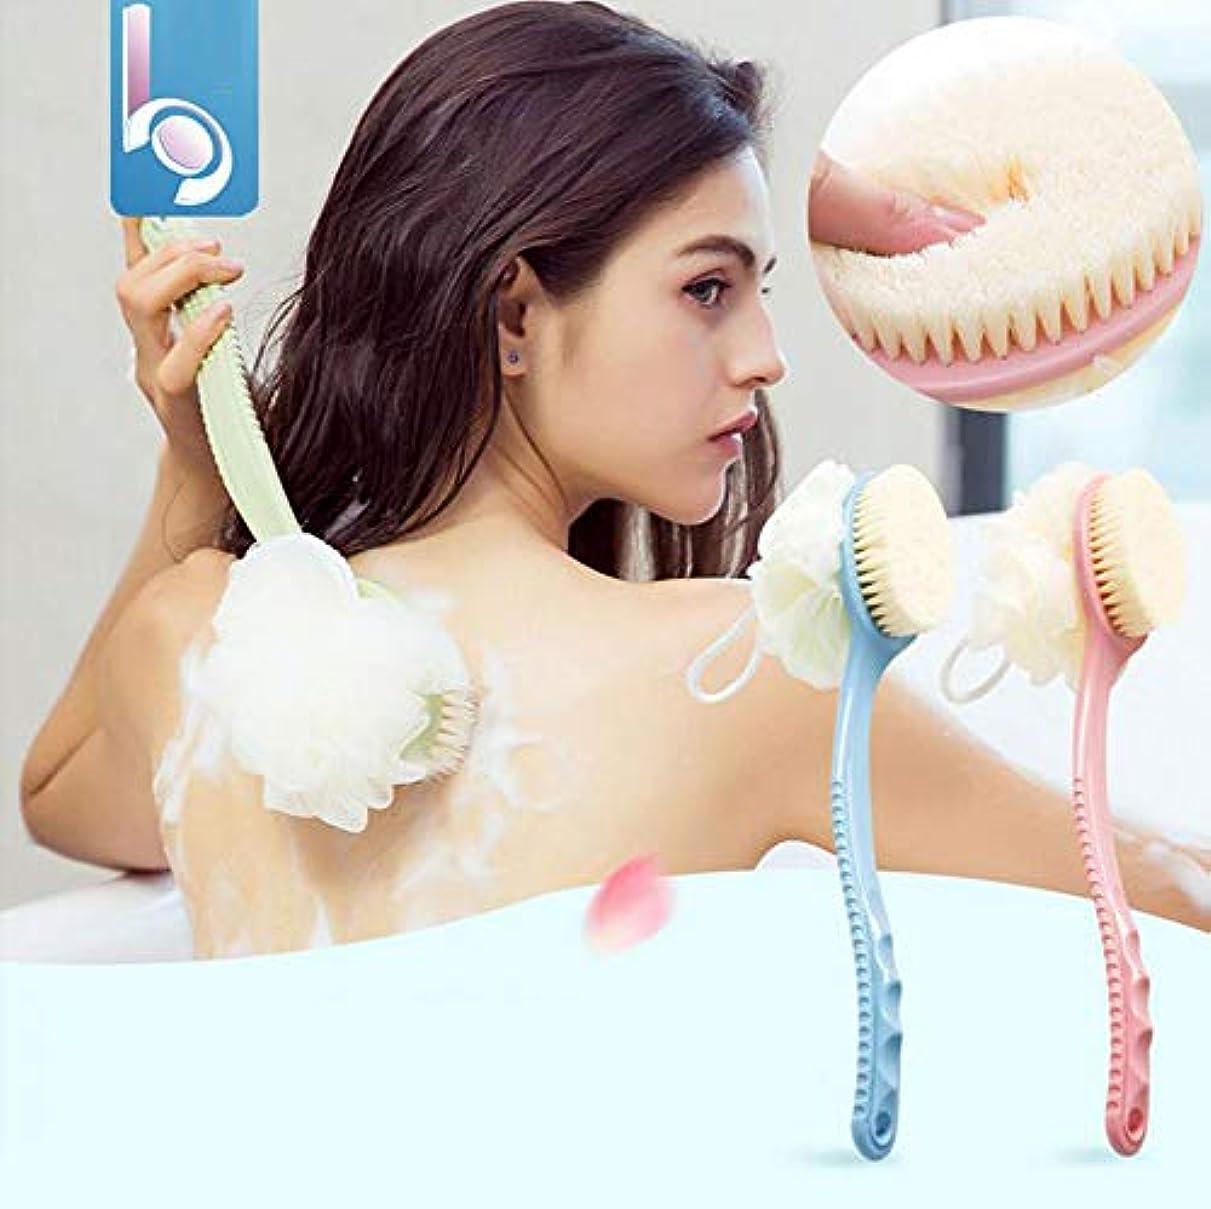 ロングハンドルバスブラシ、ソフトファーバスタオル入浴バックセルライトスクラブのための入浴アーティファクト,Pink